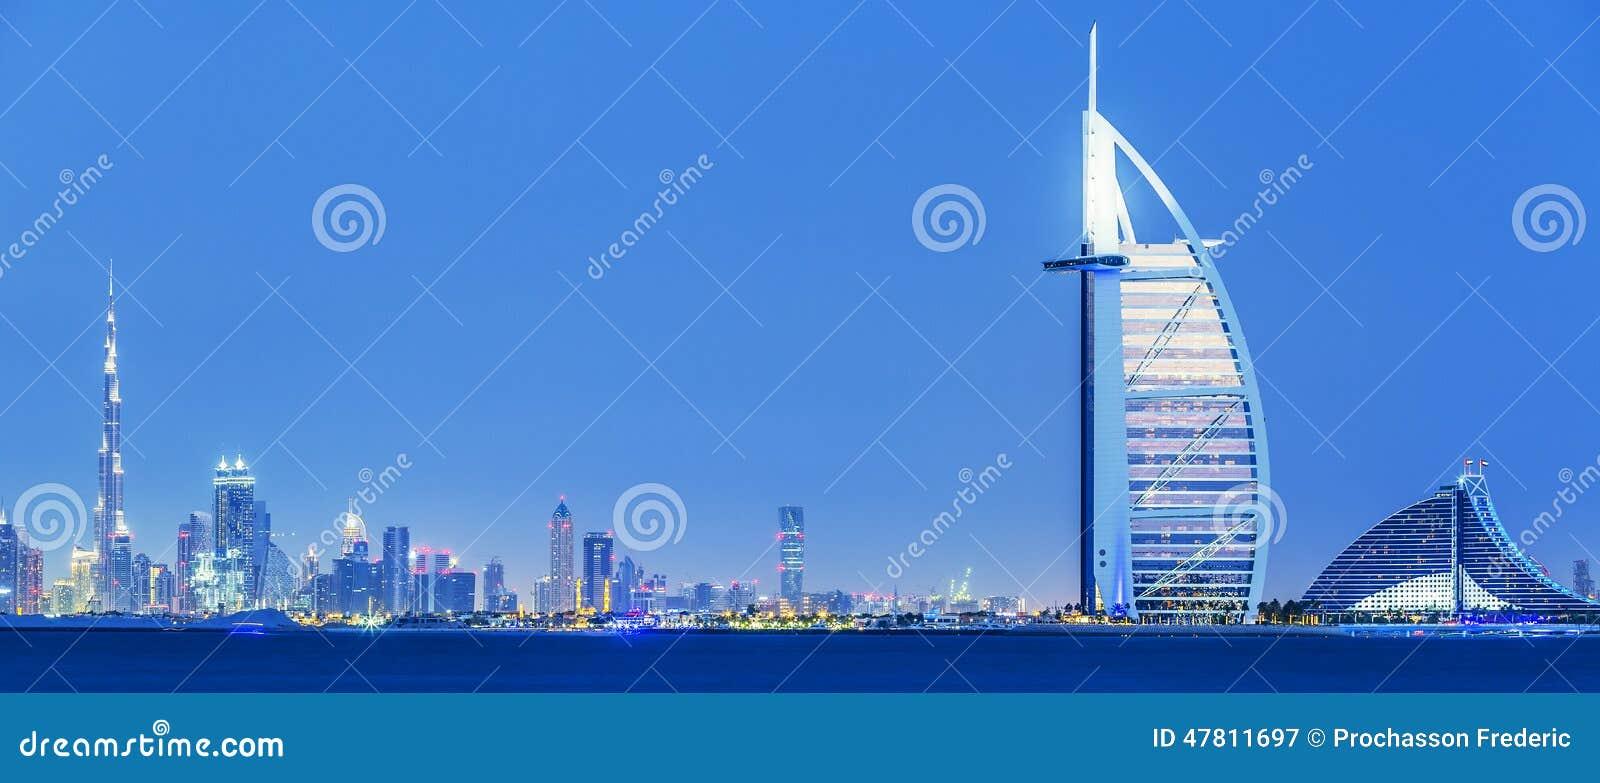 View of Dubai skyline by night